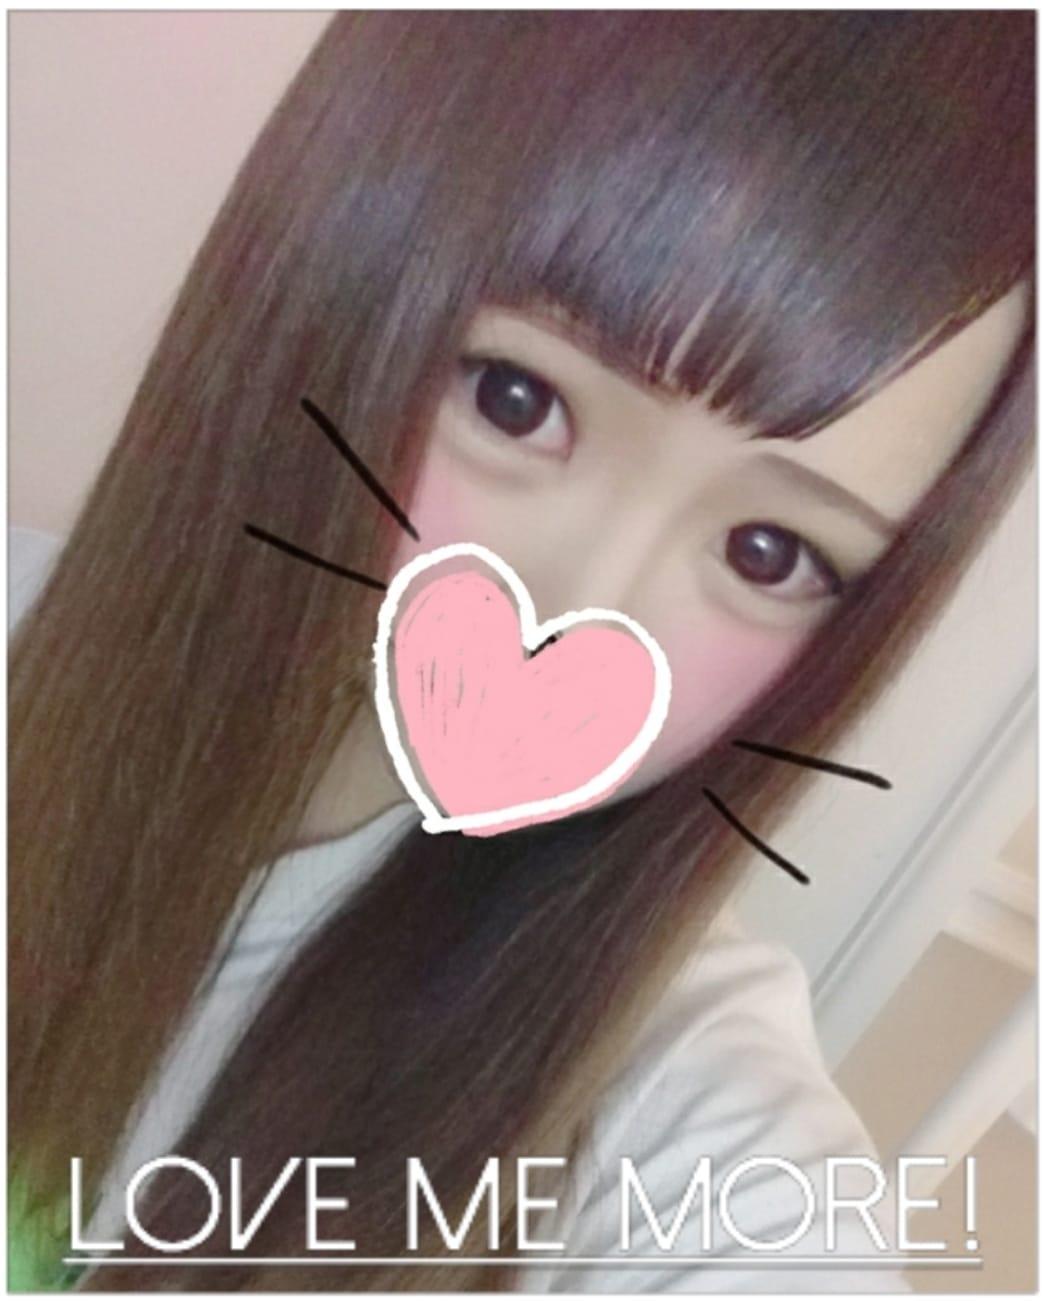 「本日20じから!」02/01(木) 17:09 | まりあの写メ・風俗動画